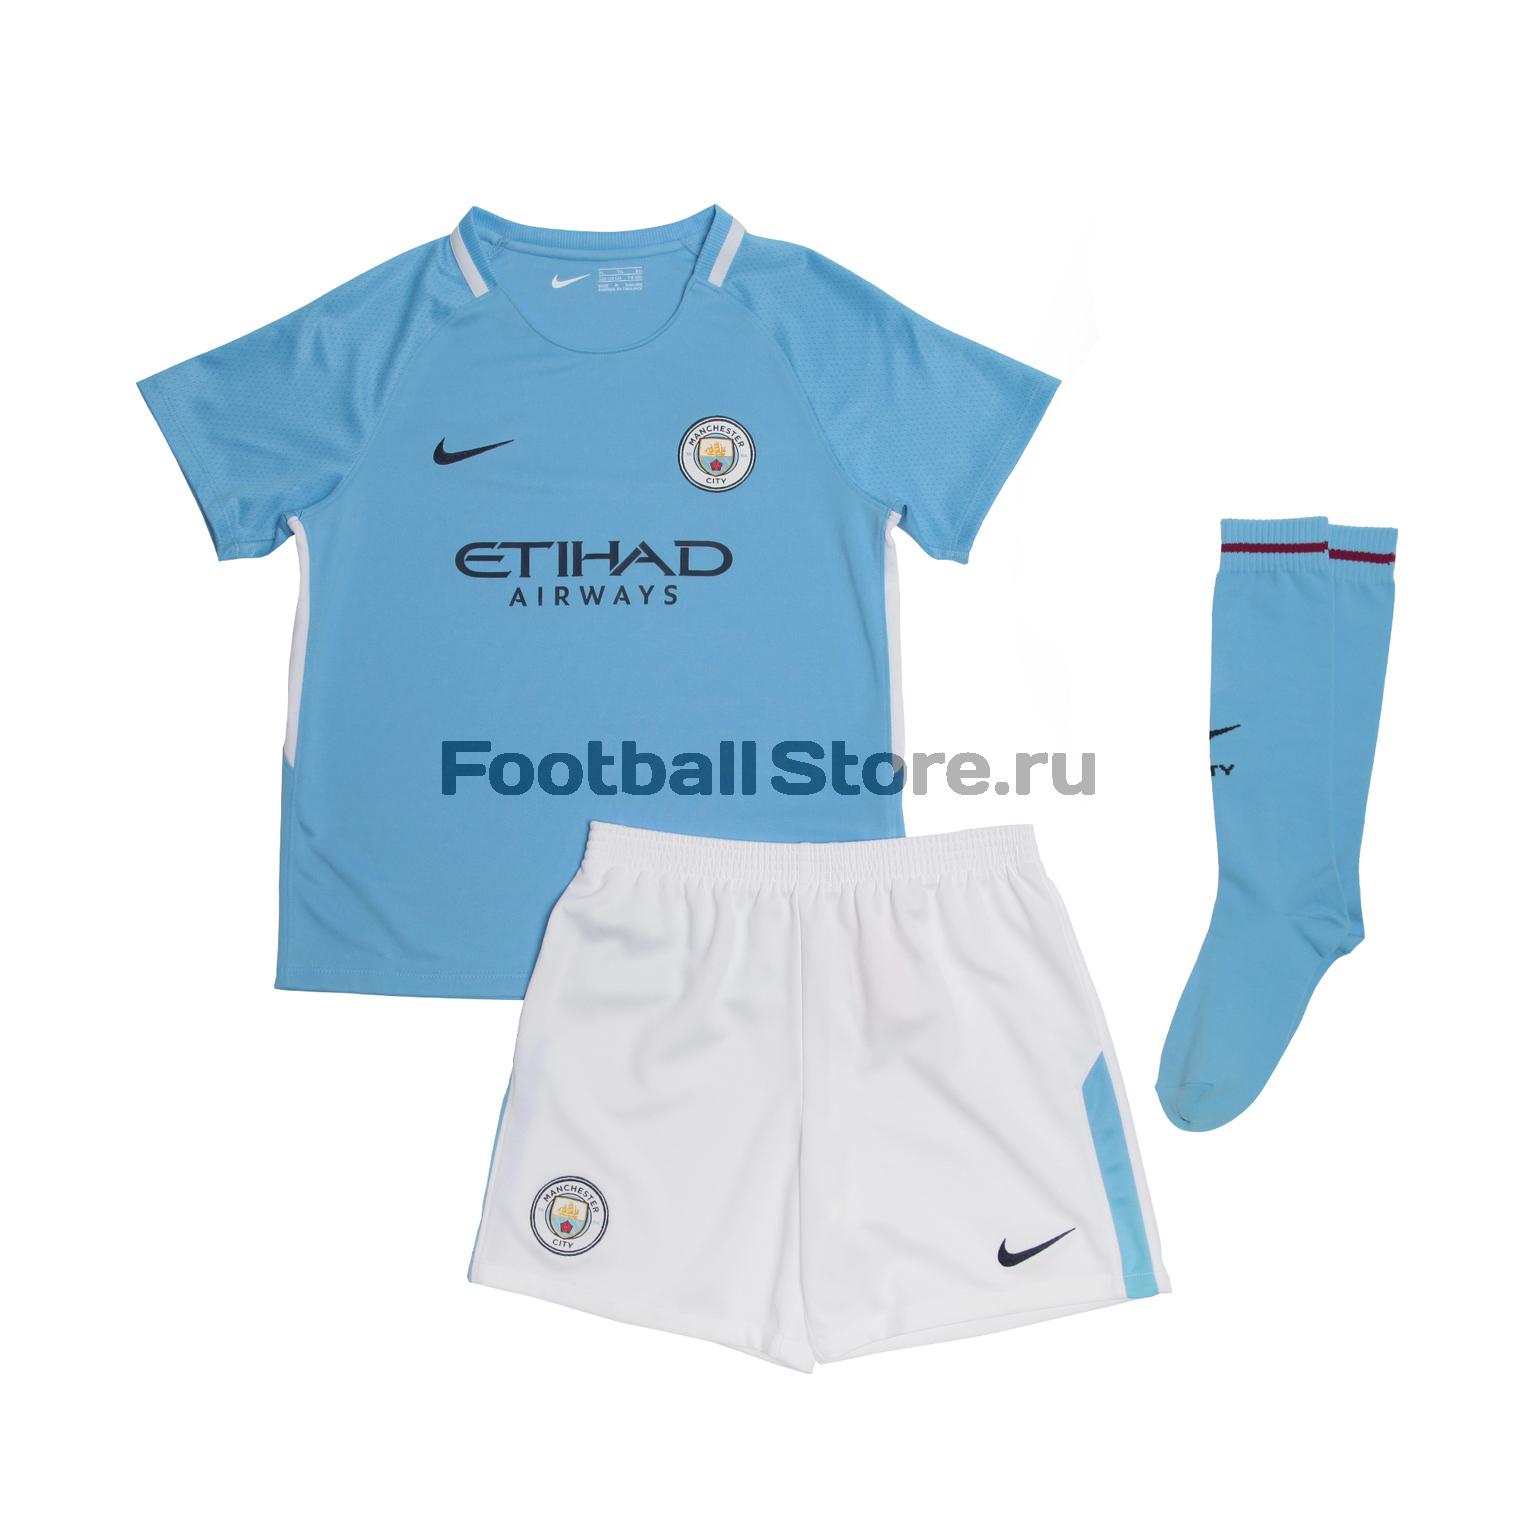 Комплекты формы Nike Комплект детской формы Nike Manchester City 847362-489 manchester city nike оригинальная футболка nike manchester city 847197 489